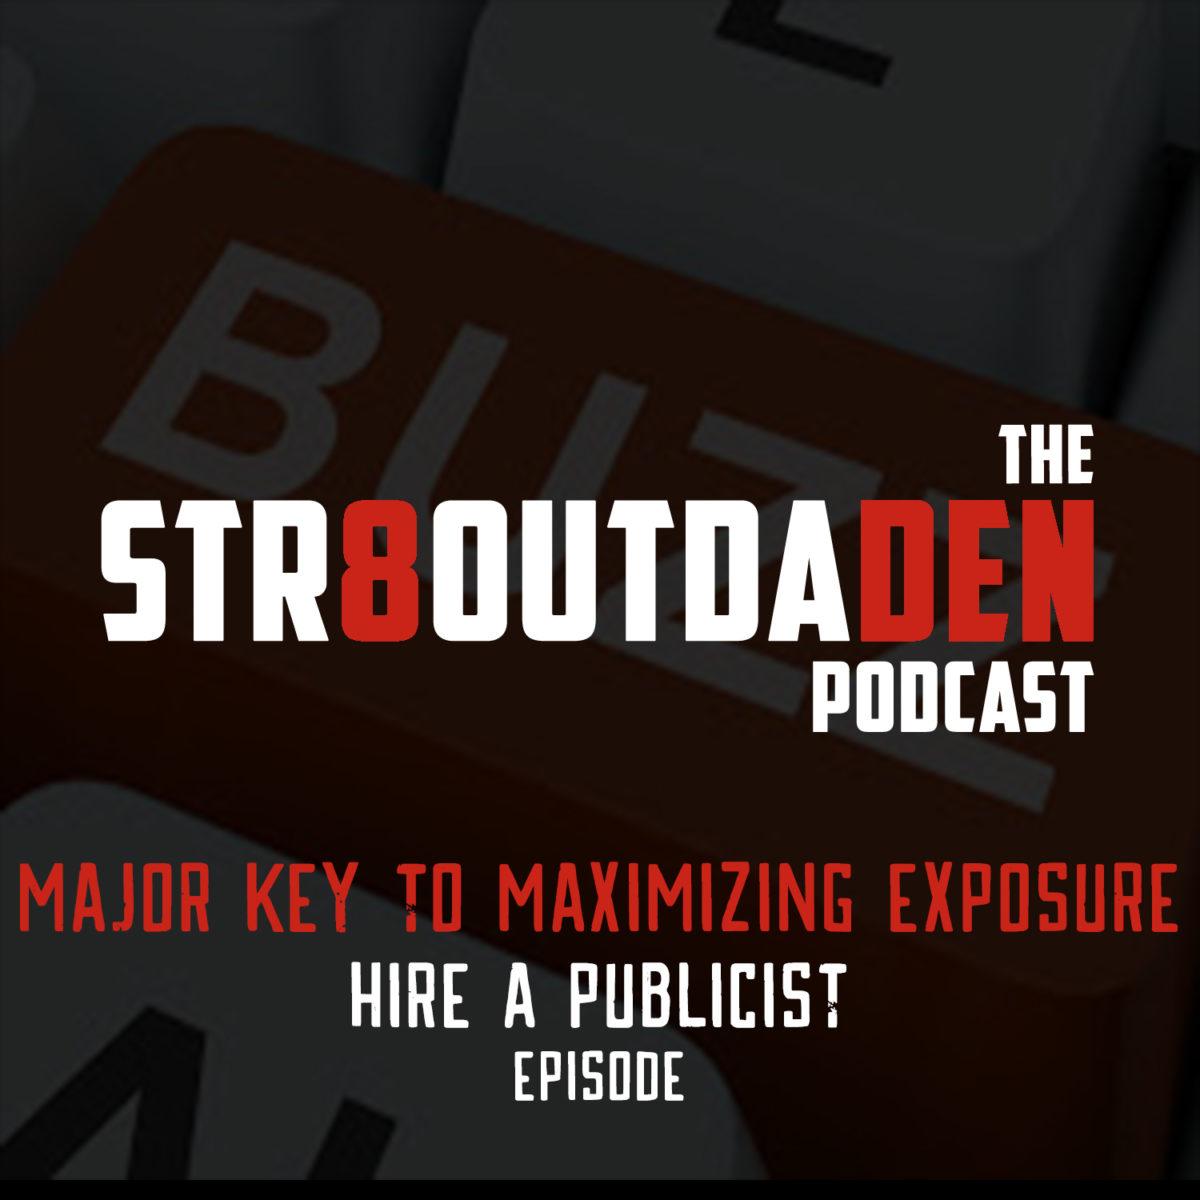 major key to maximizing exposure